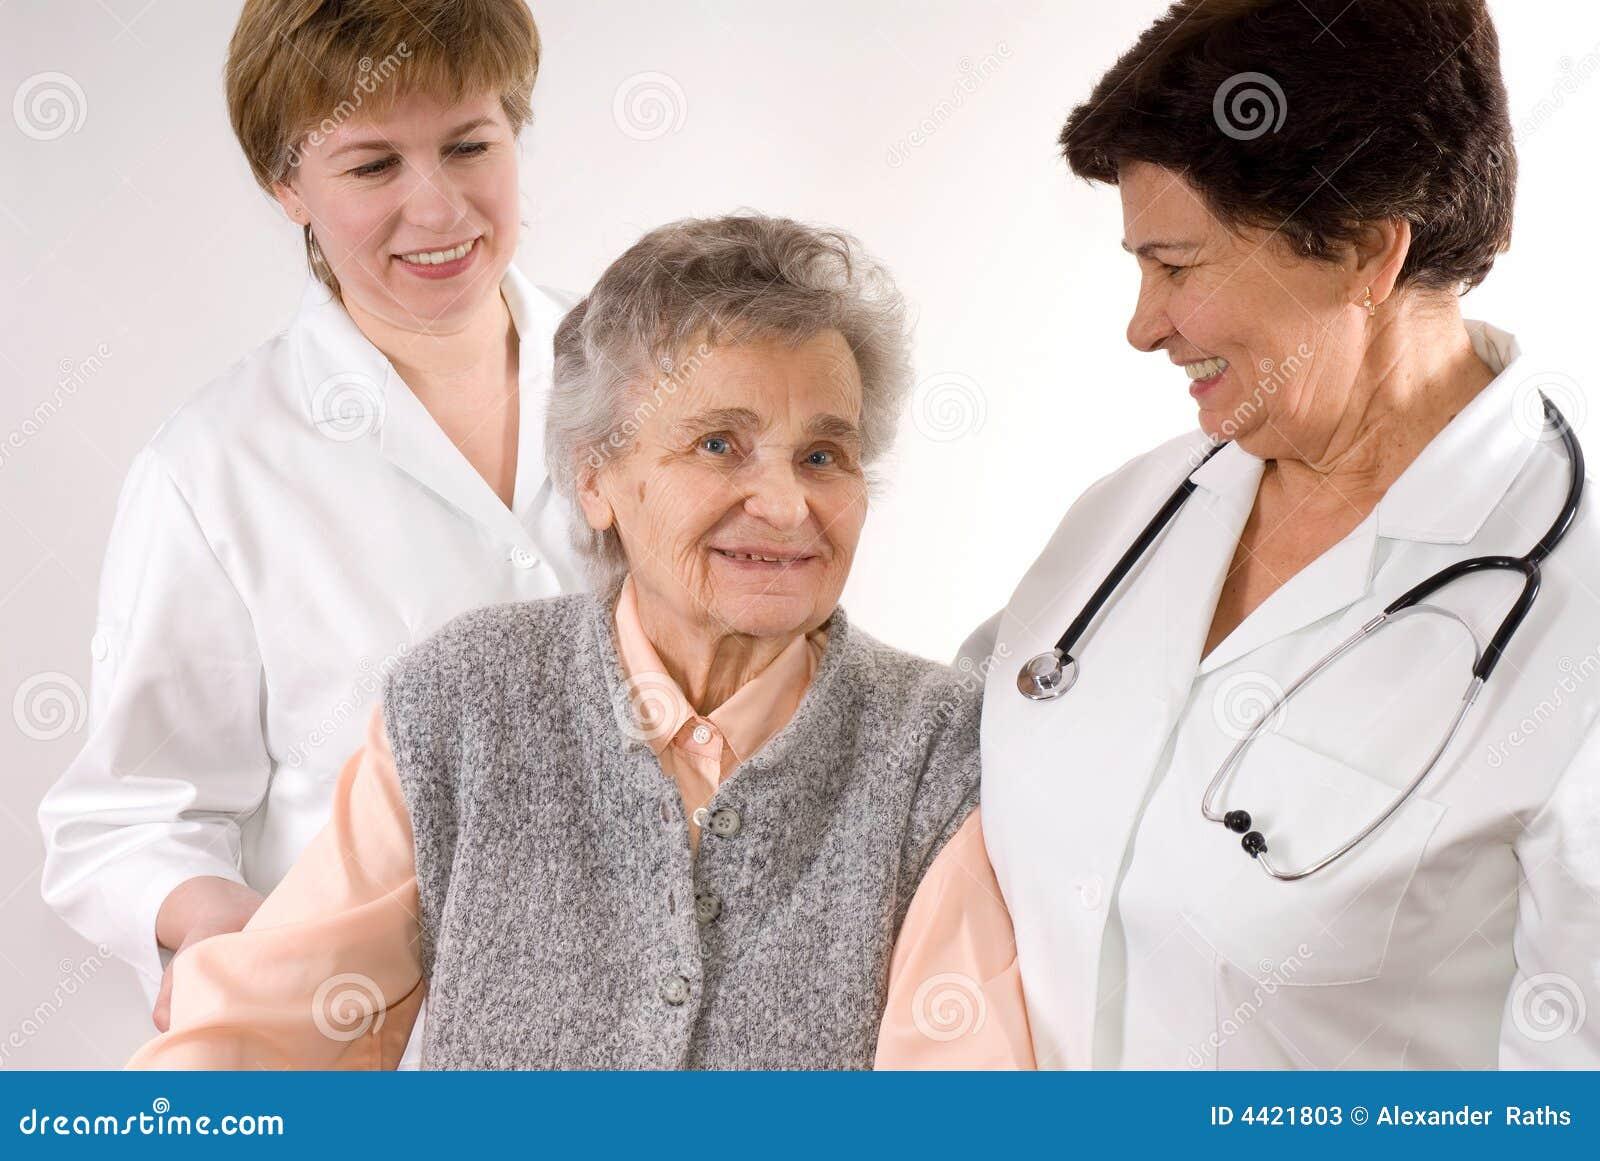 Operai di sanità